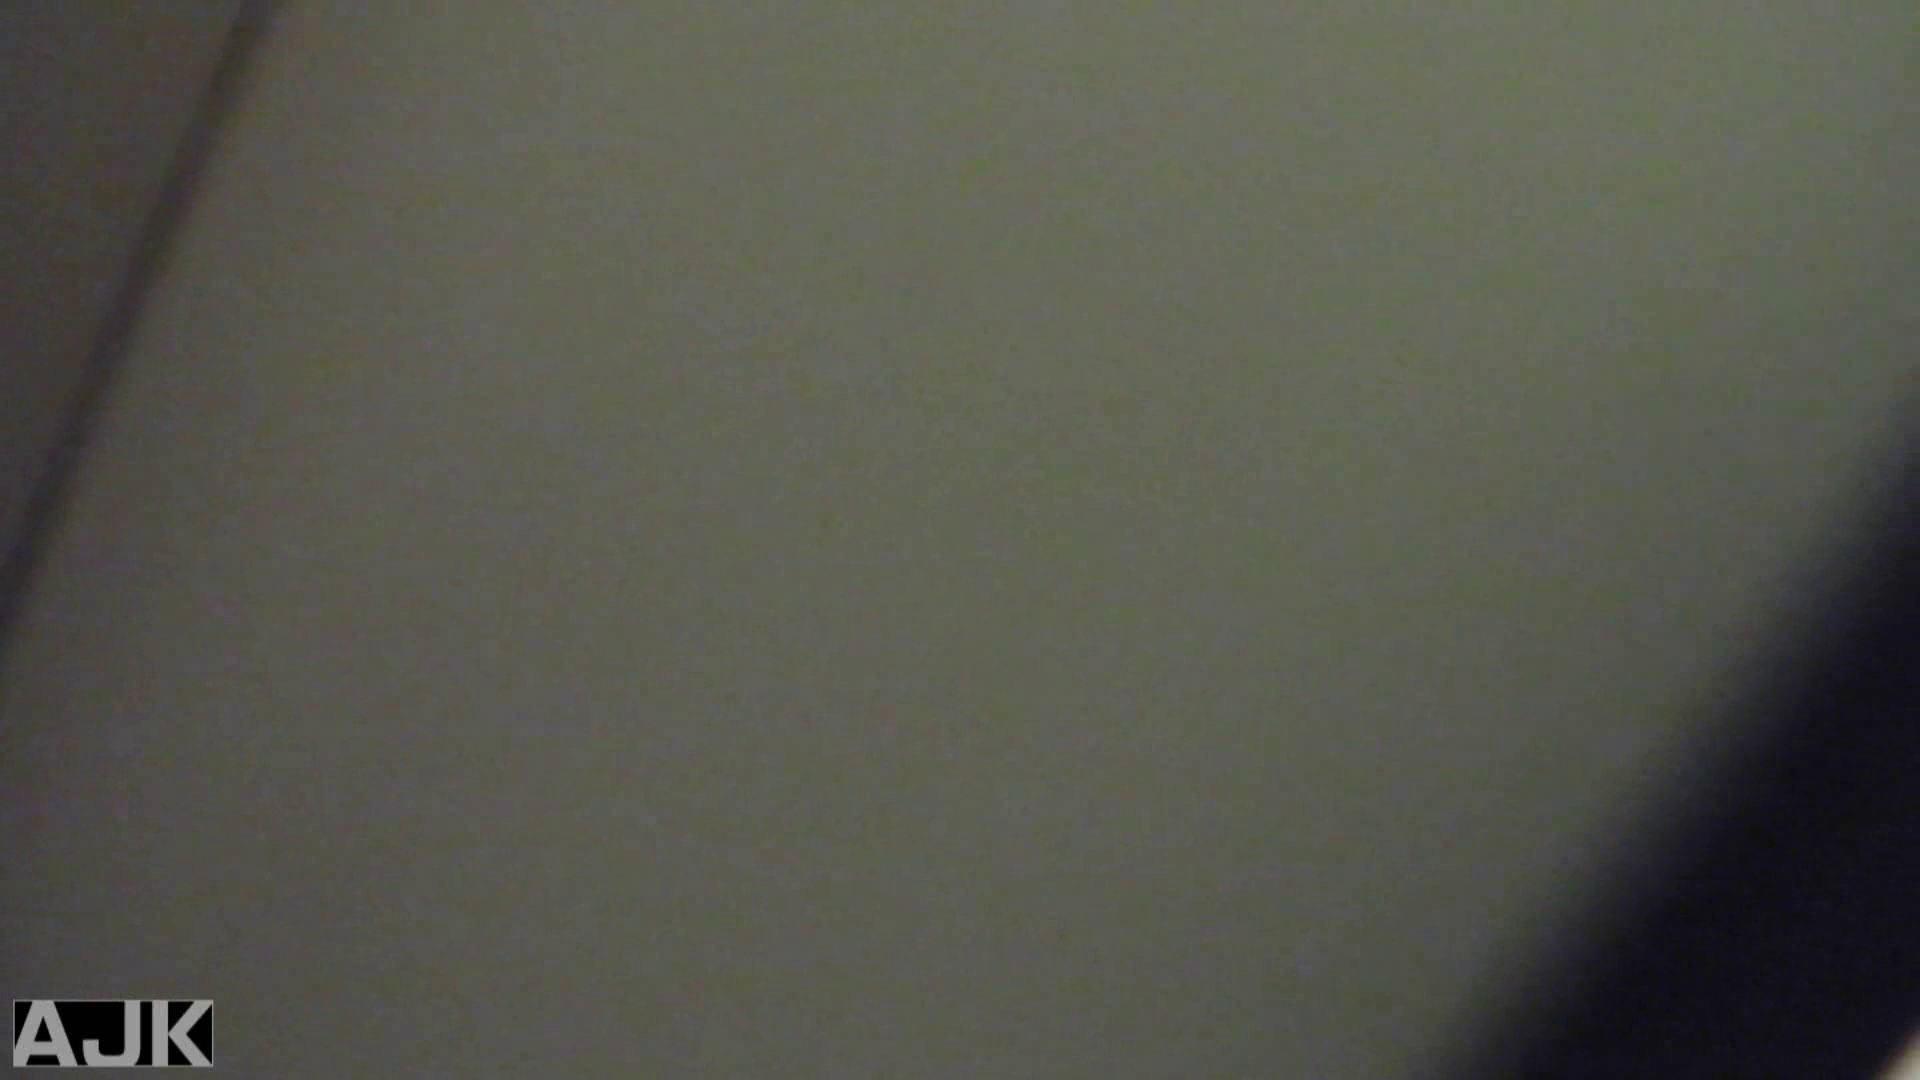 隣国上階級エリアの令嬢たちが集うデパートお手洗い Vol.06 お嬢様のエロ動画 アダルト動画キャプチャ 90枚 84